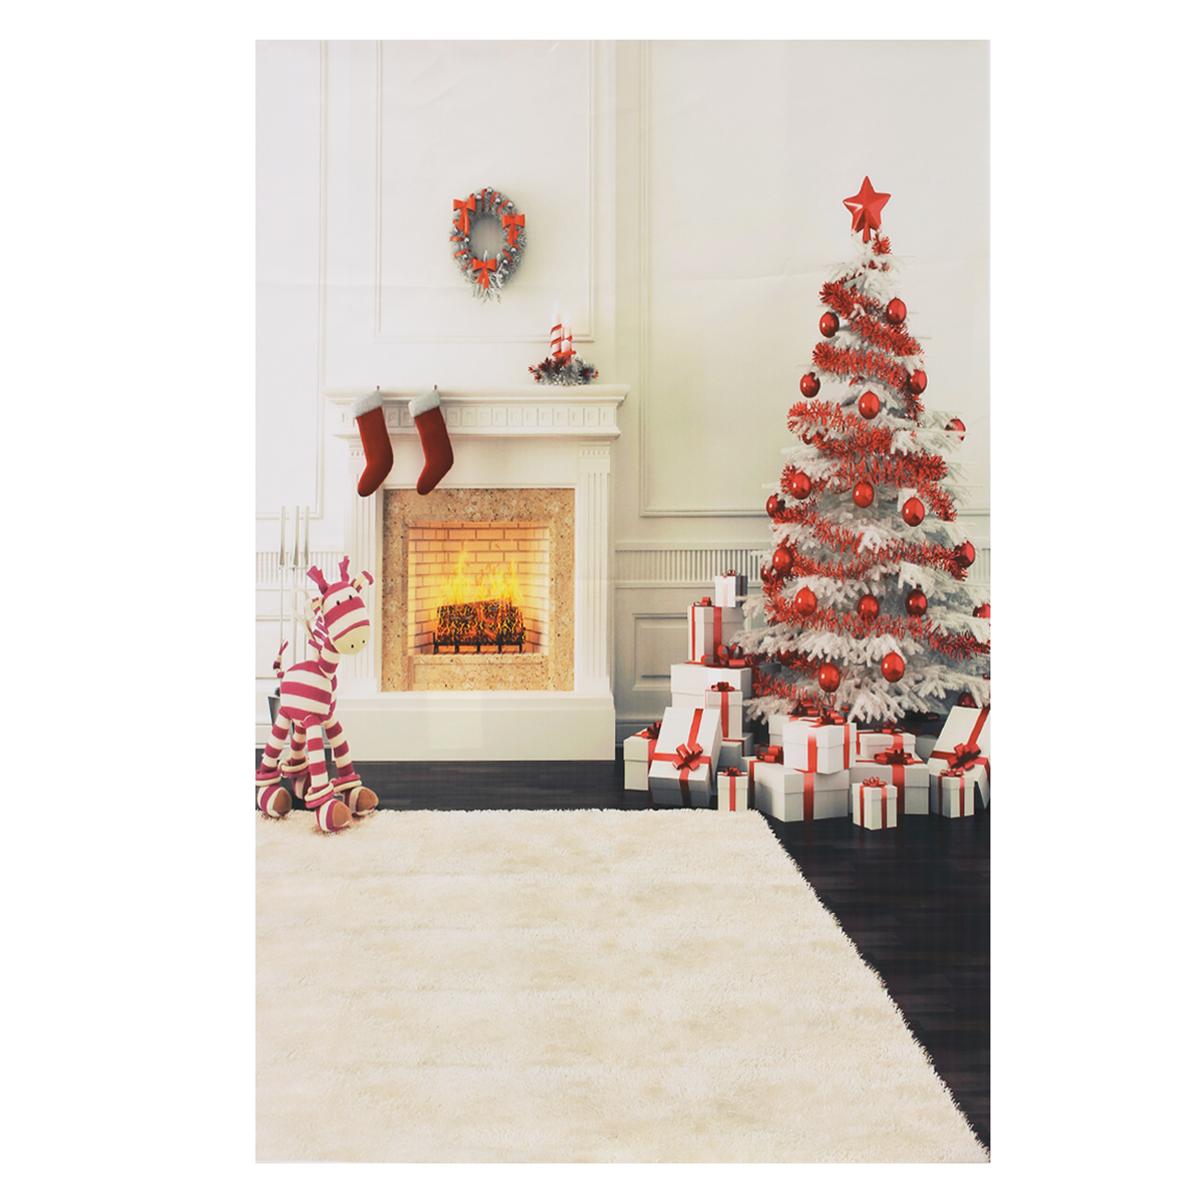 900x600mm toile de fond studio photo noel affiche de soie d cor d coration achat vente fond. Black Bedroom Furniture Sets. Home Design Ideas